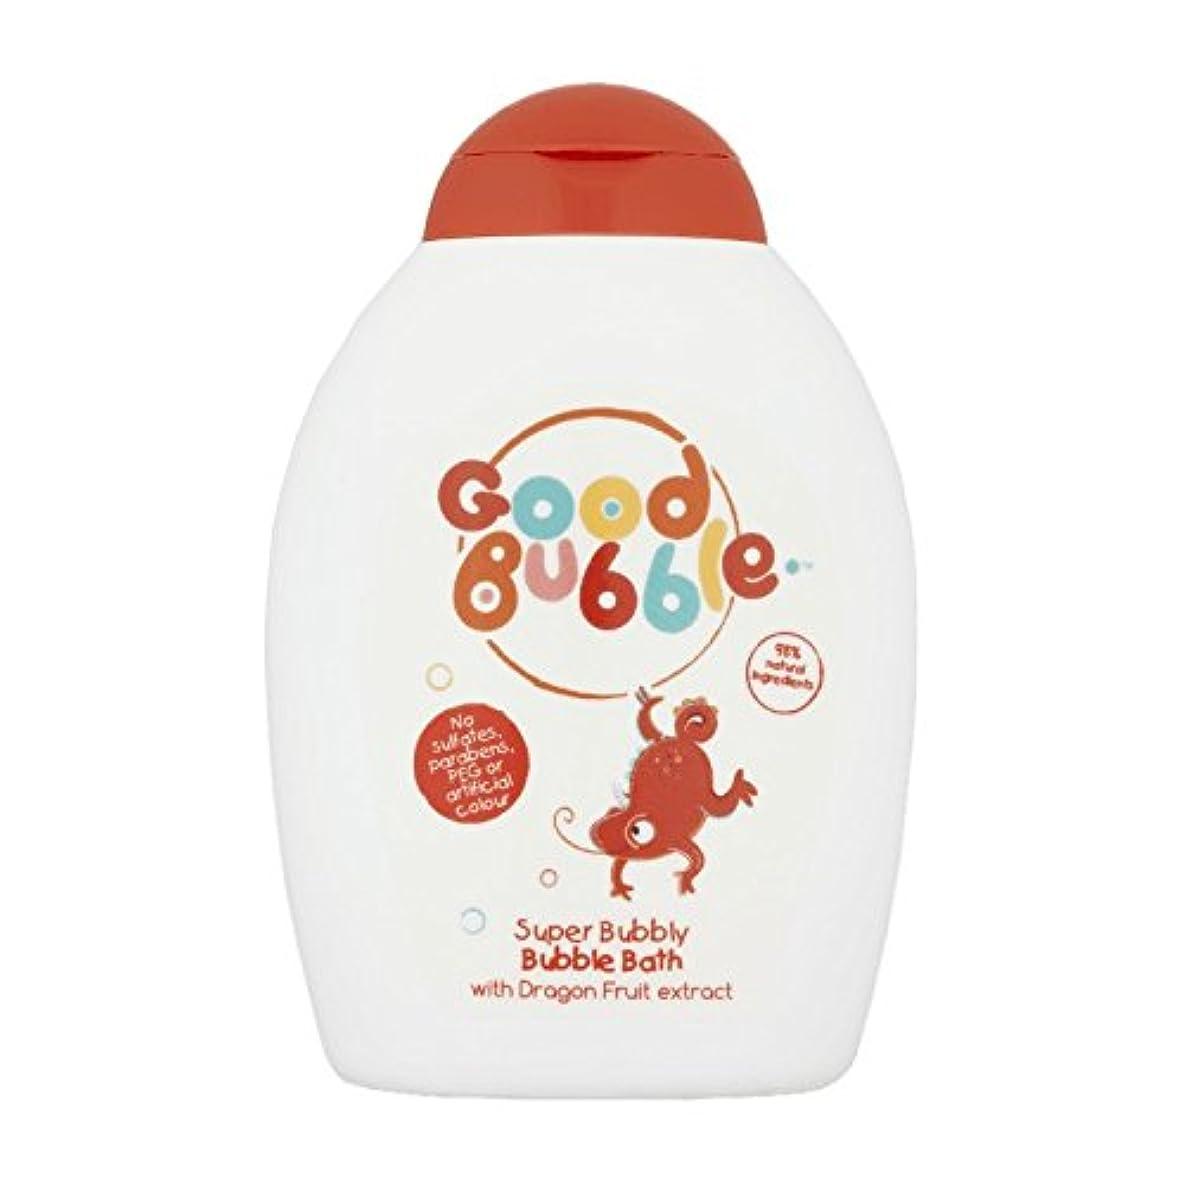 書士炎上上良いバブルドラゴンフルーツバブルバス400ミリリットル - Good Bubble Dragon Fruit Bubble Bath 400ml (Good Bubble) [並行輸入品]